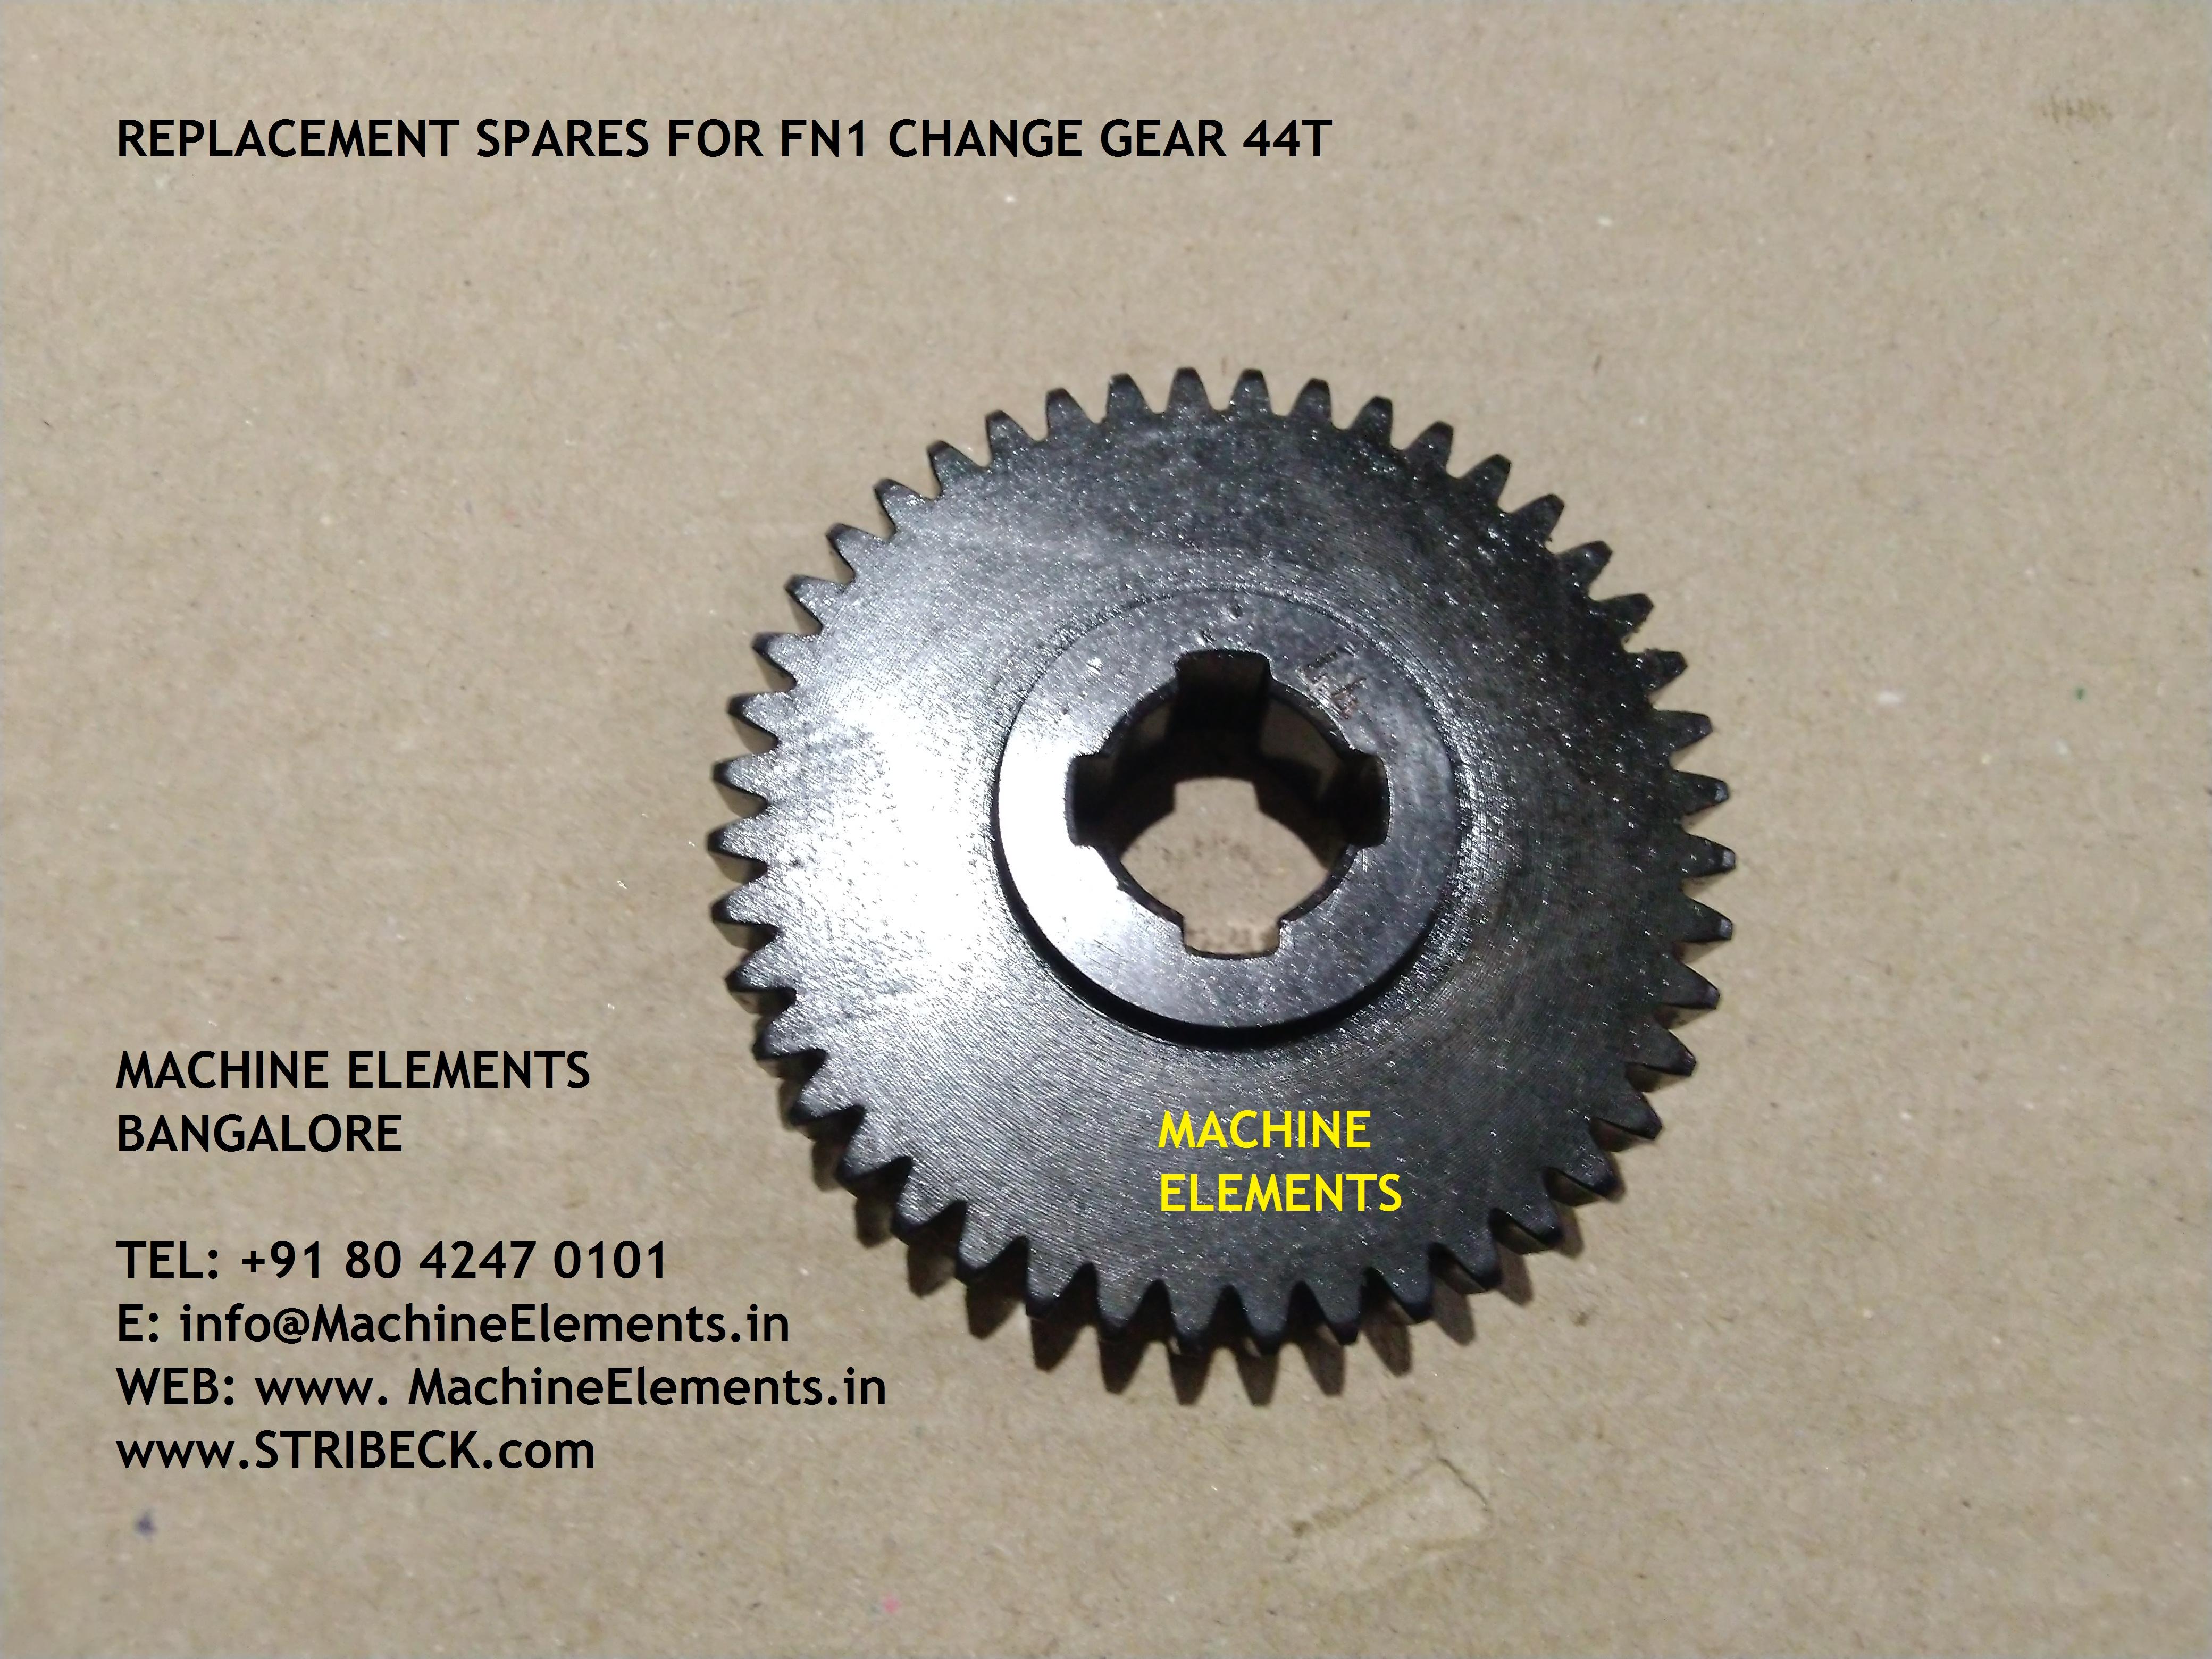 CHANGE GEAR 44T